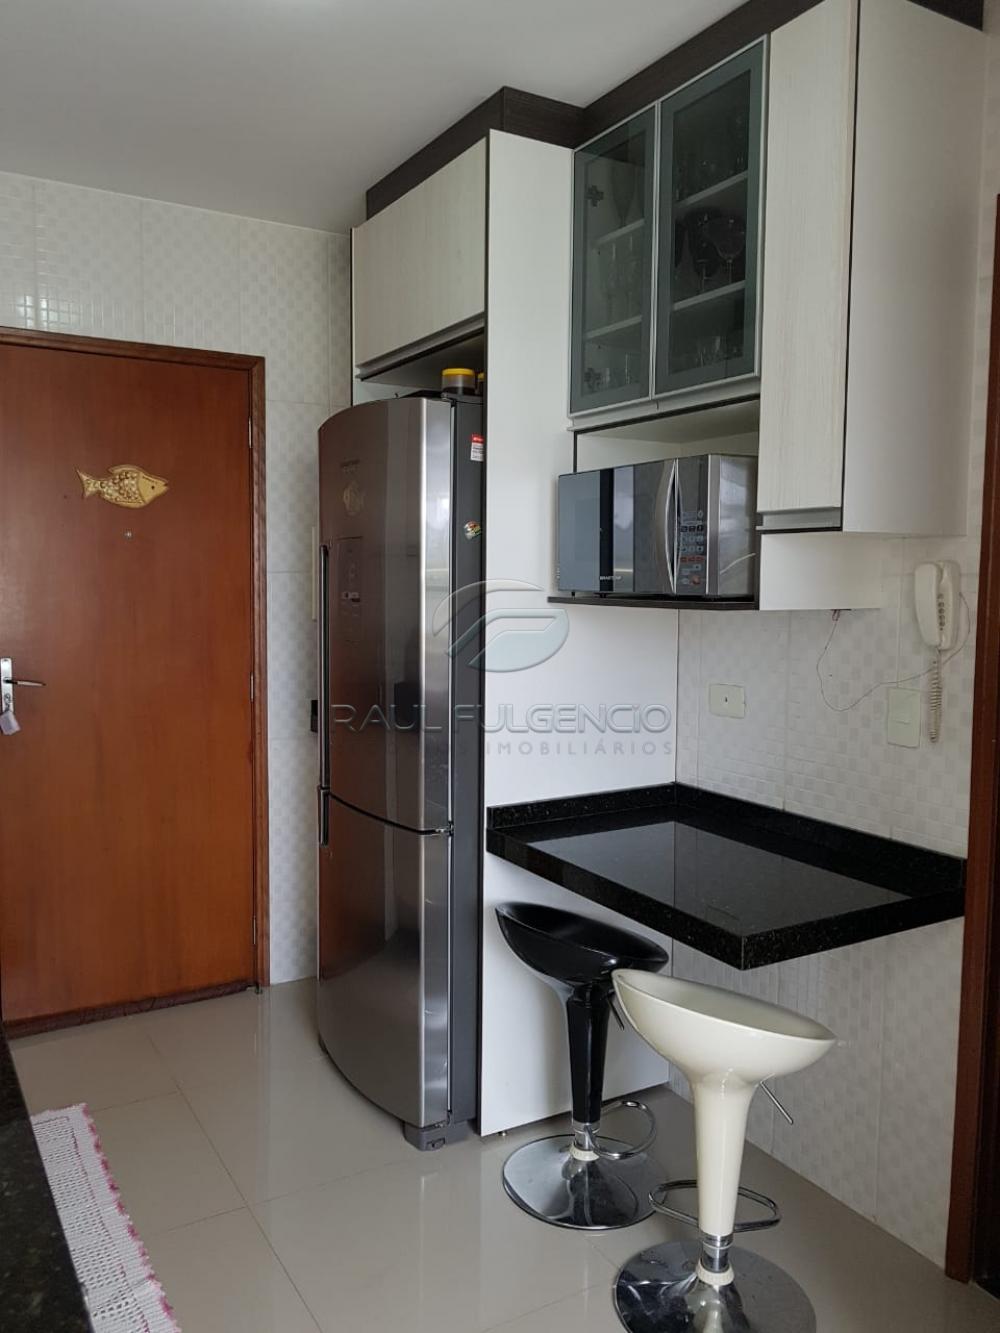 Comprar Apartamento / Padrão em Londrina apenas R$ 285.000,00 - Foto 14